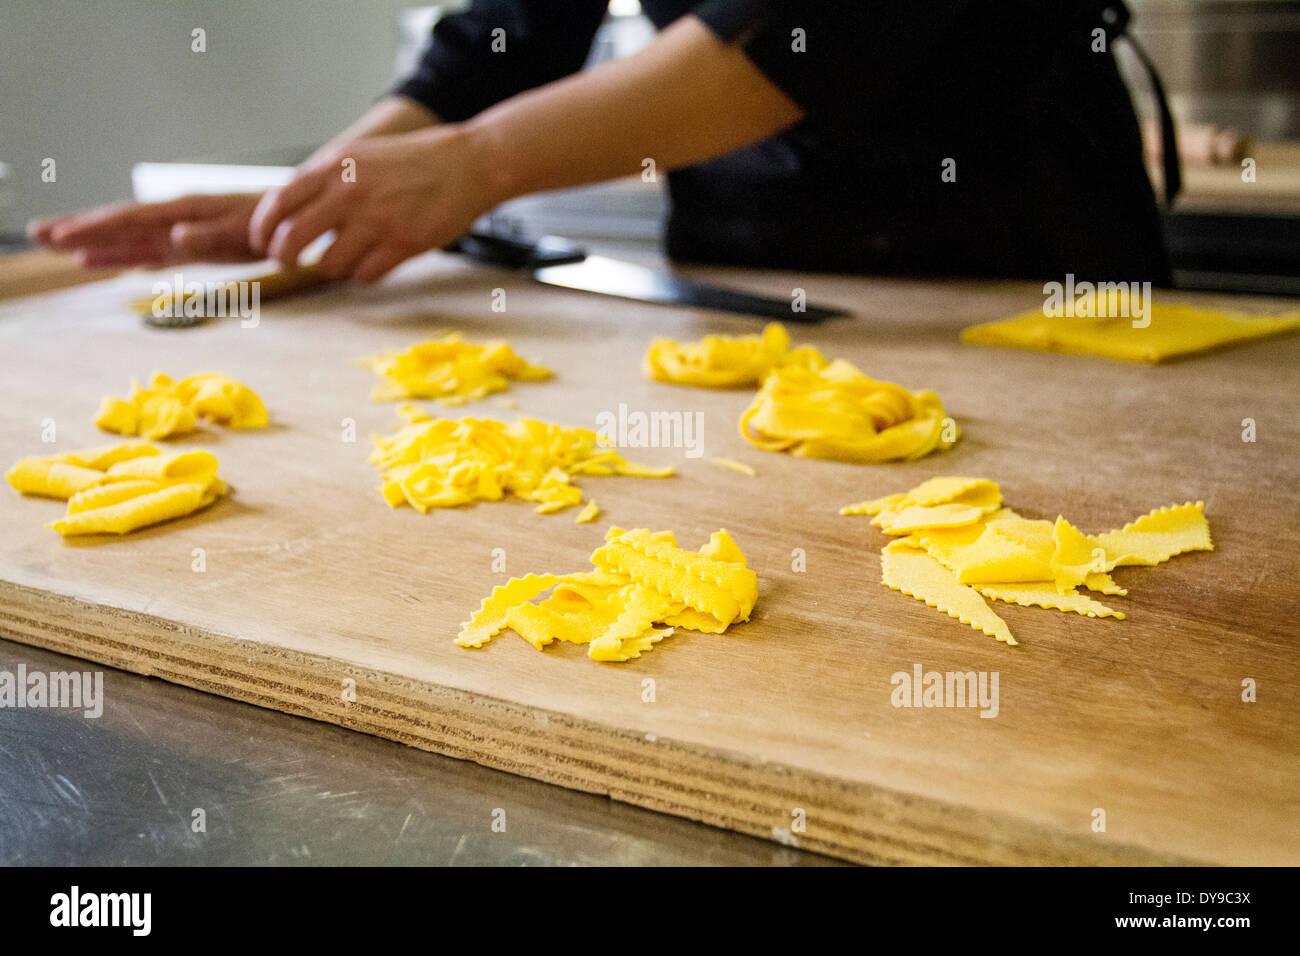 Cooking Italian pasta in Casa Artusi, Forlimpopoli, Emilia Romagna, Italy - Stock Image